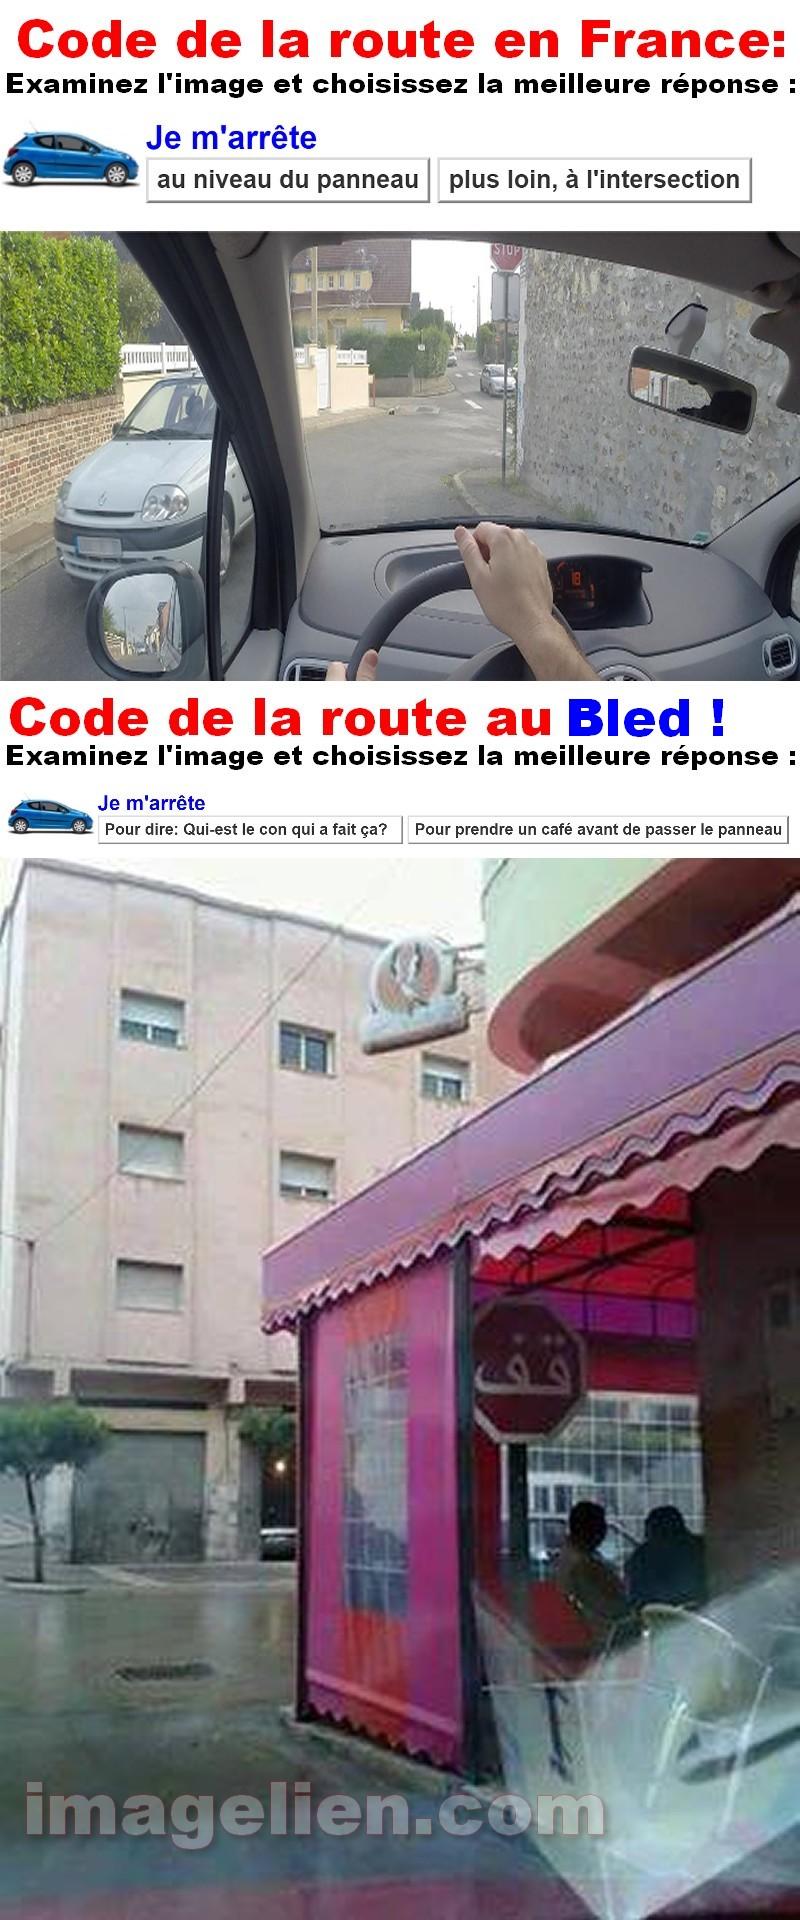 code de la route france